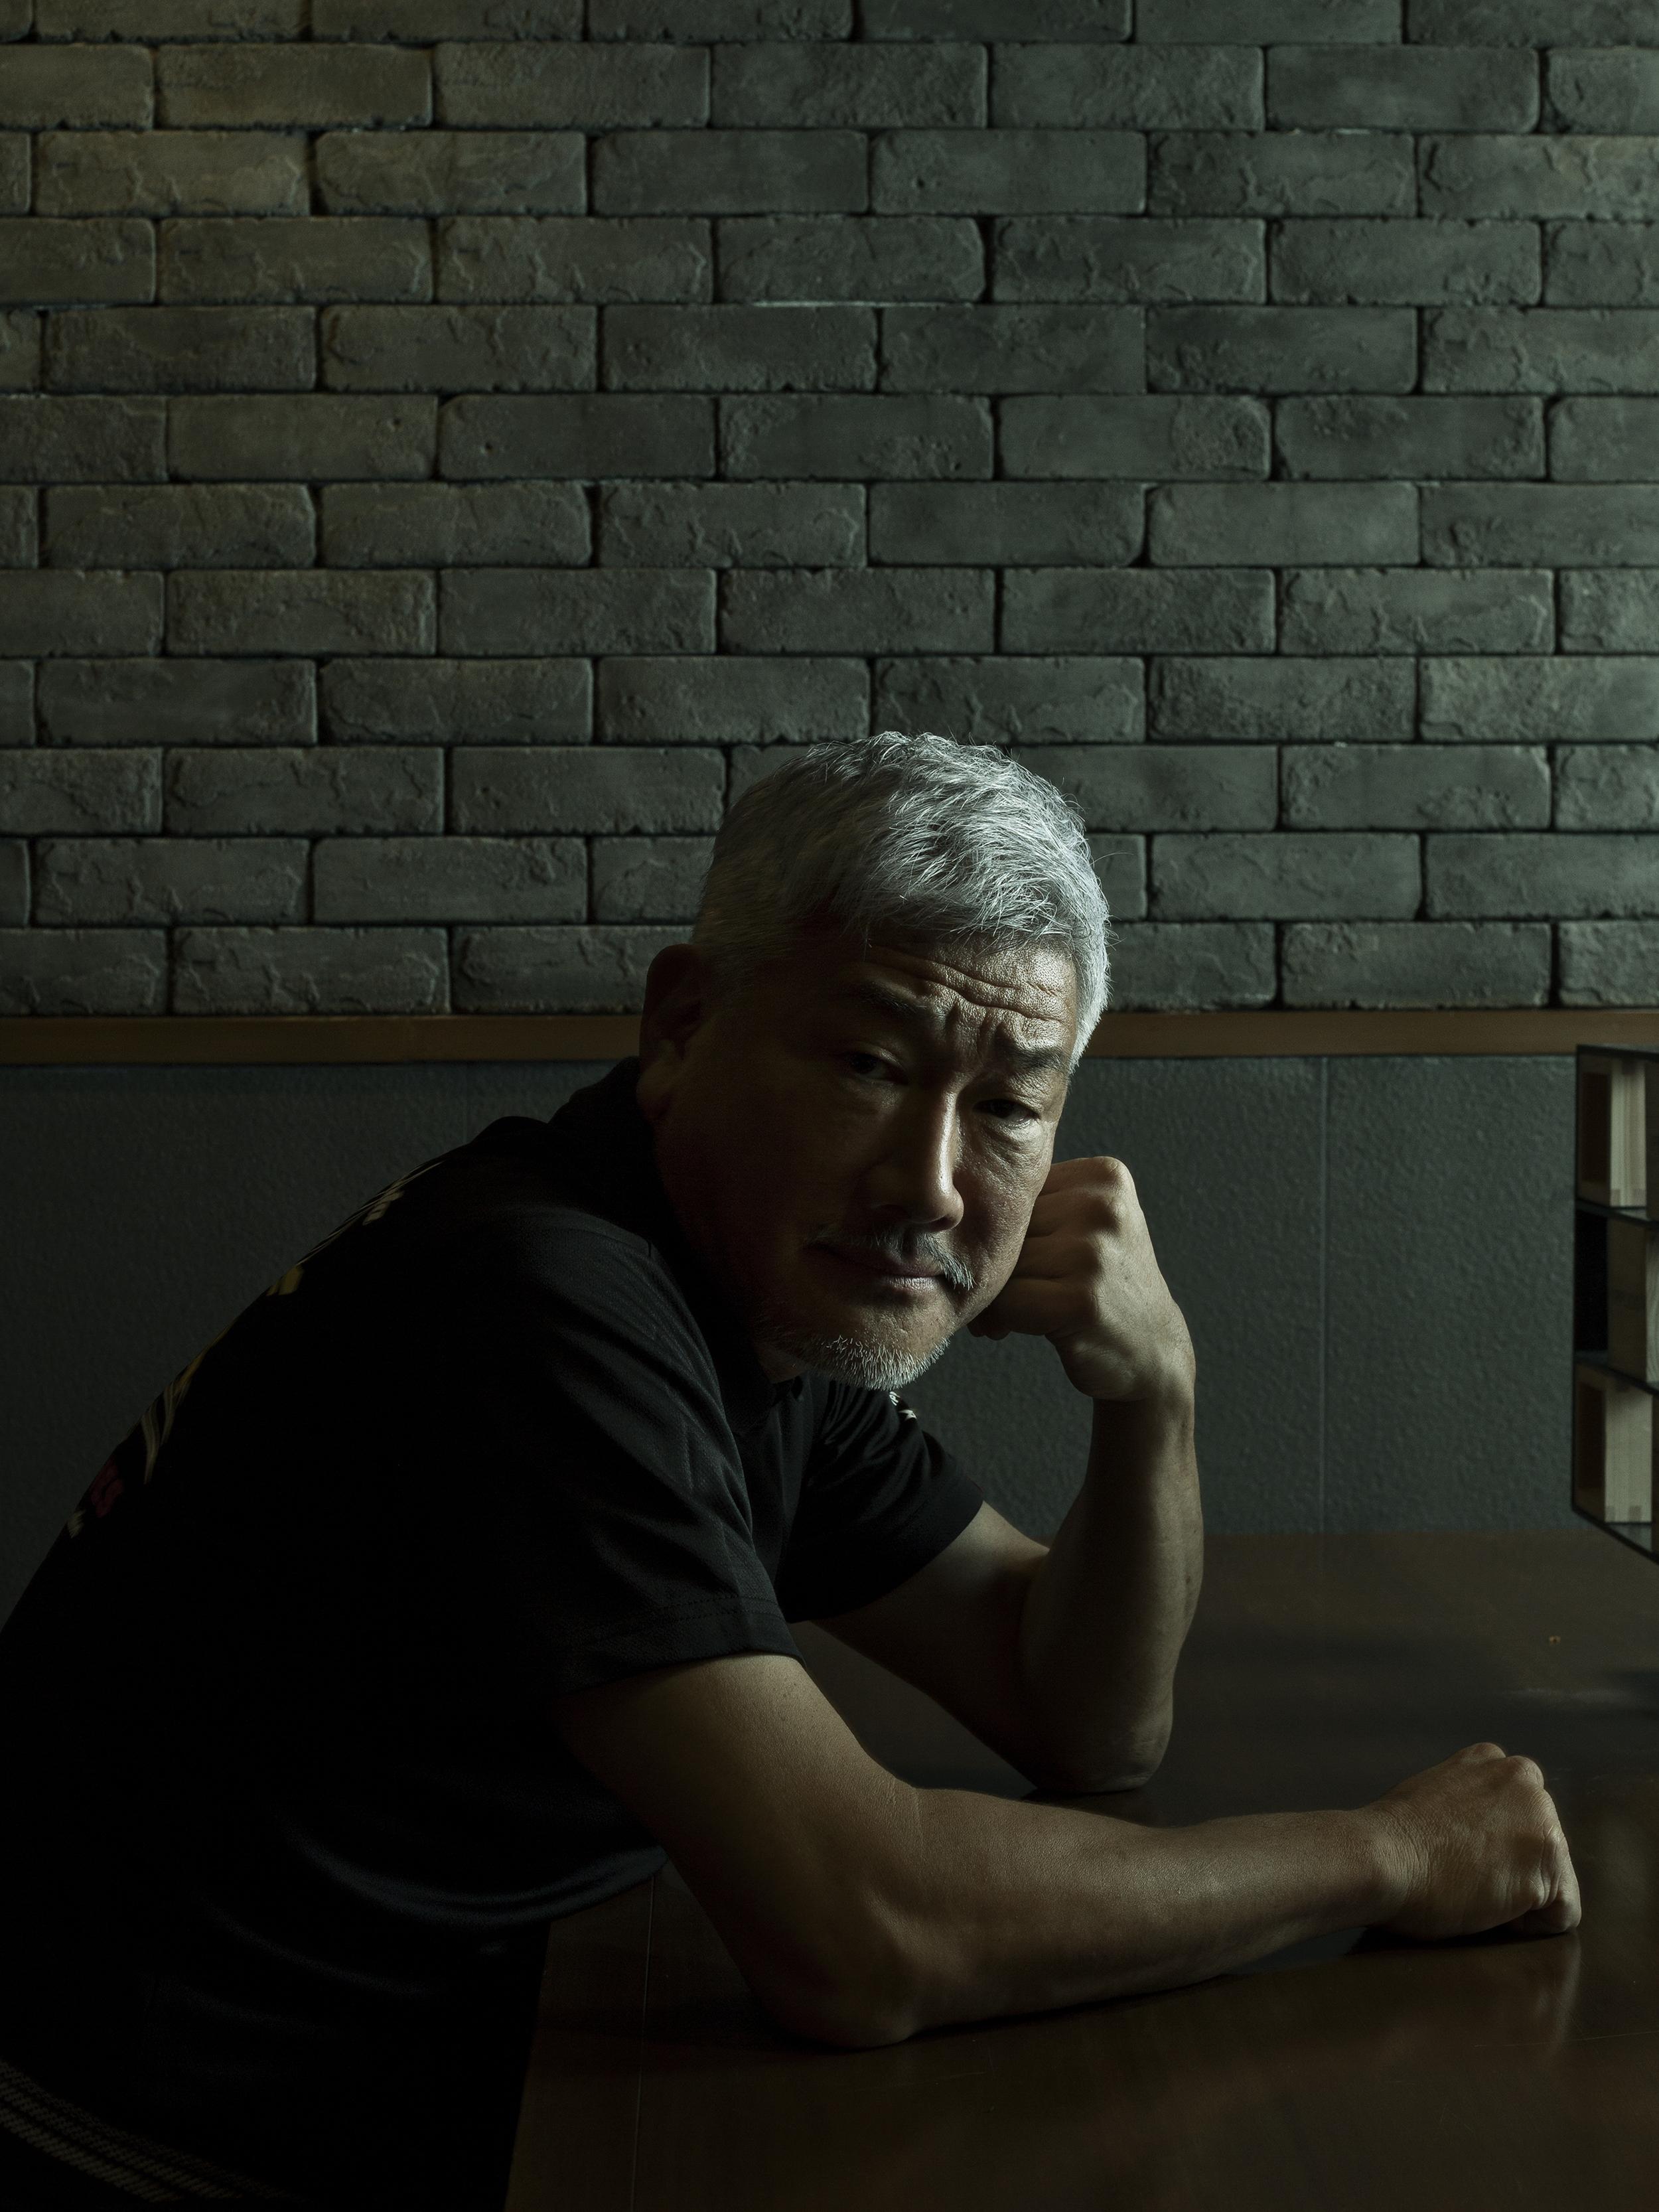 Shigemi Kawahara